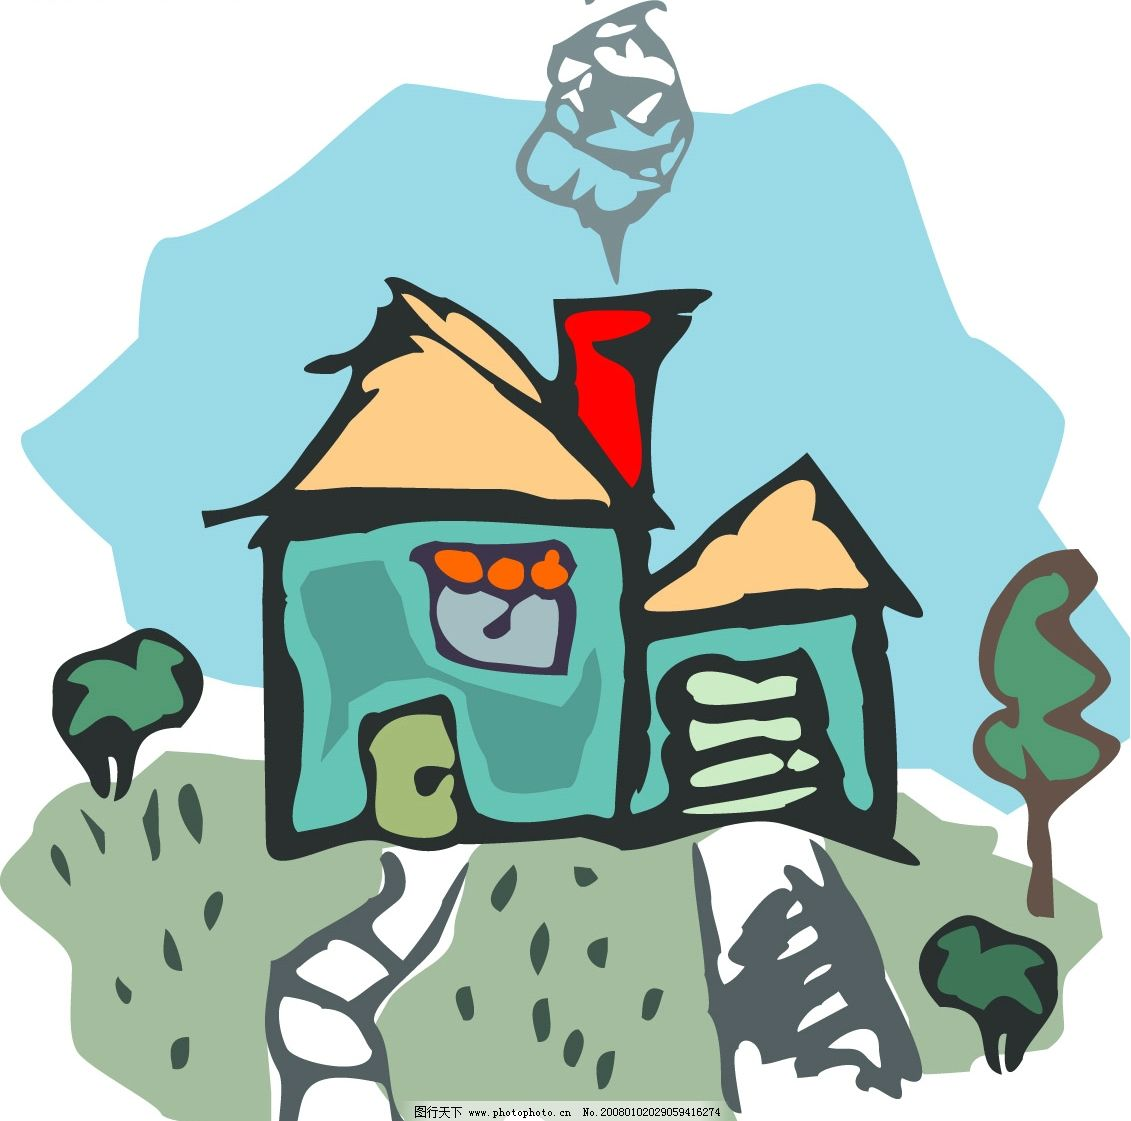 矢量房子8 建筑家居 其他 矢量房子 矢量图库   cdr